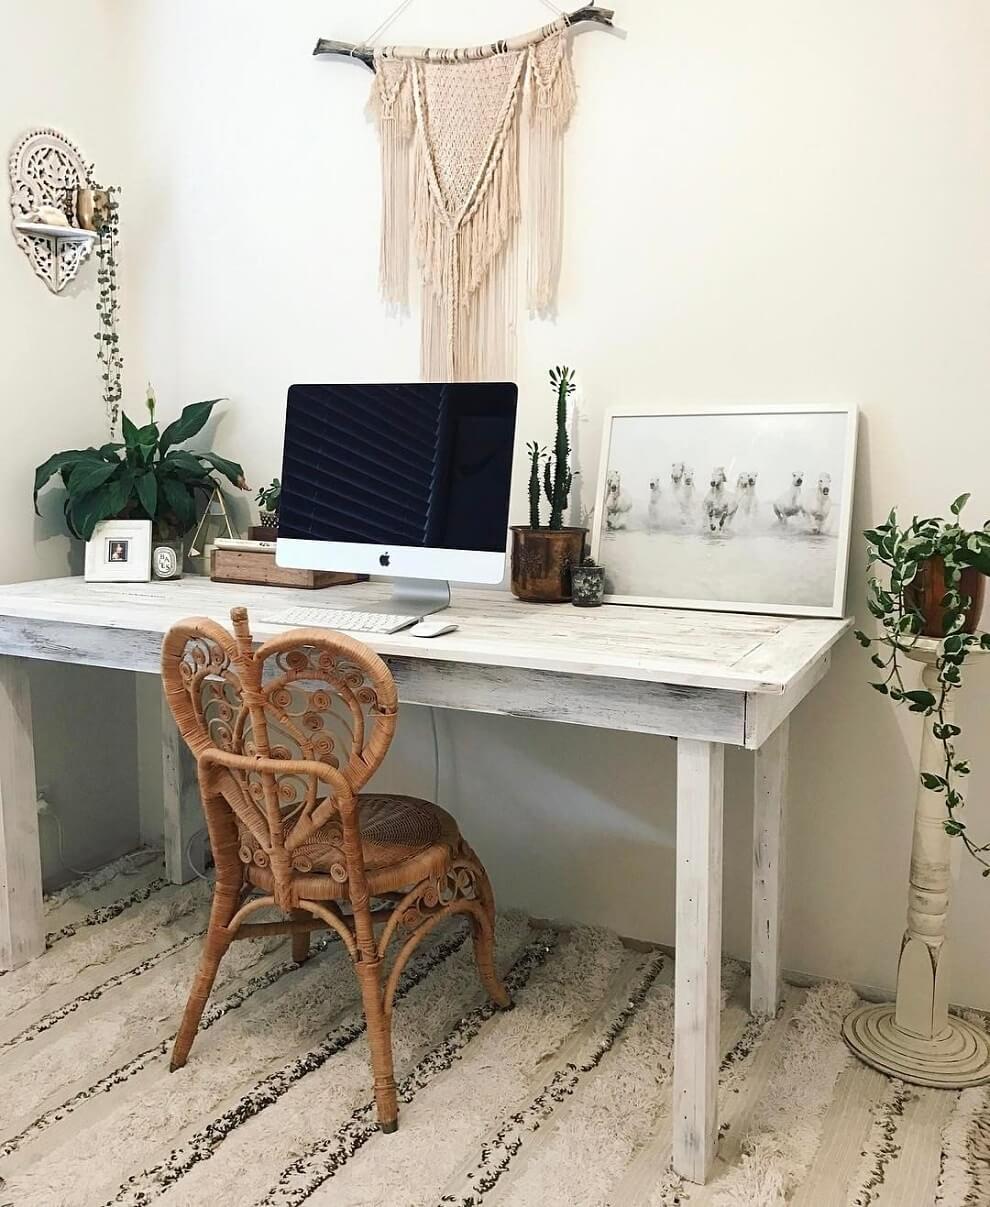 Bố trí nội thất trong phòng làm việc tại nhà